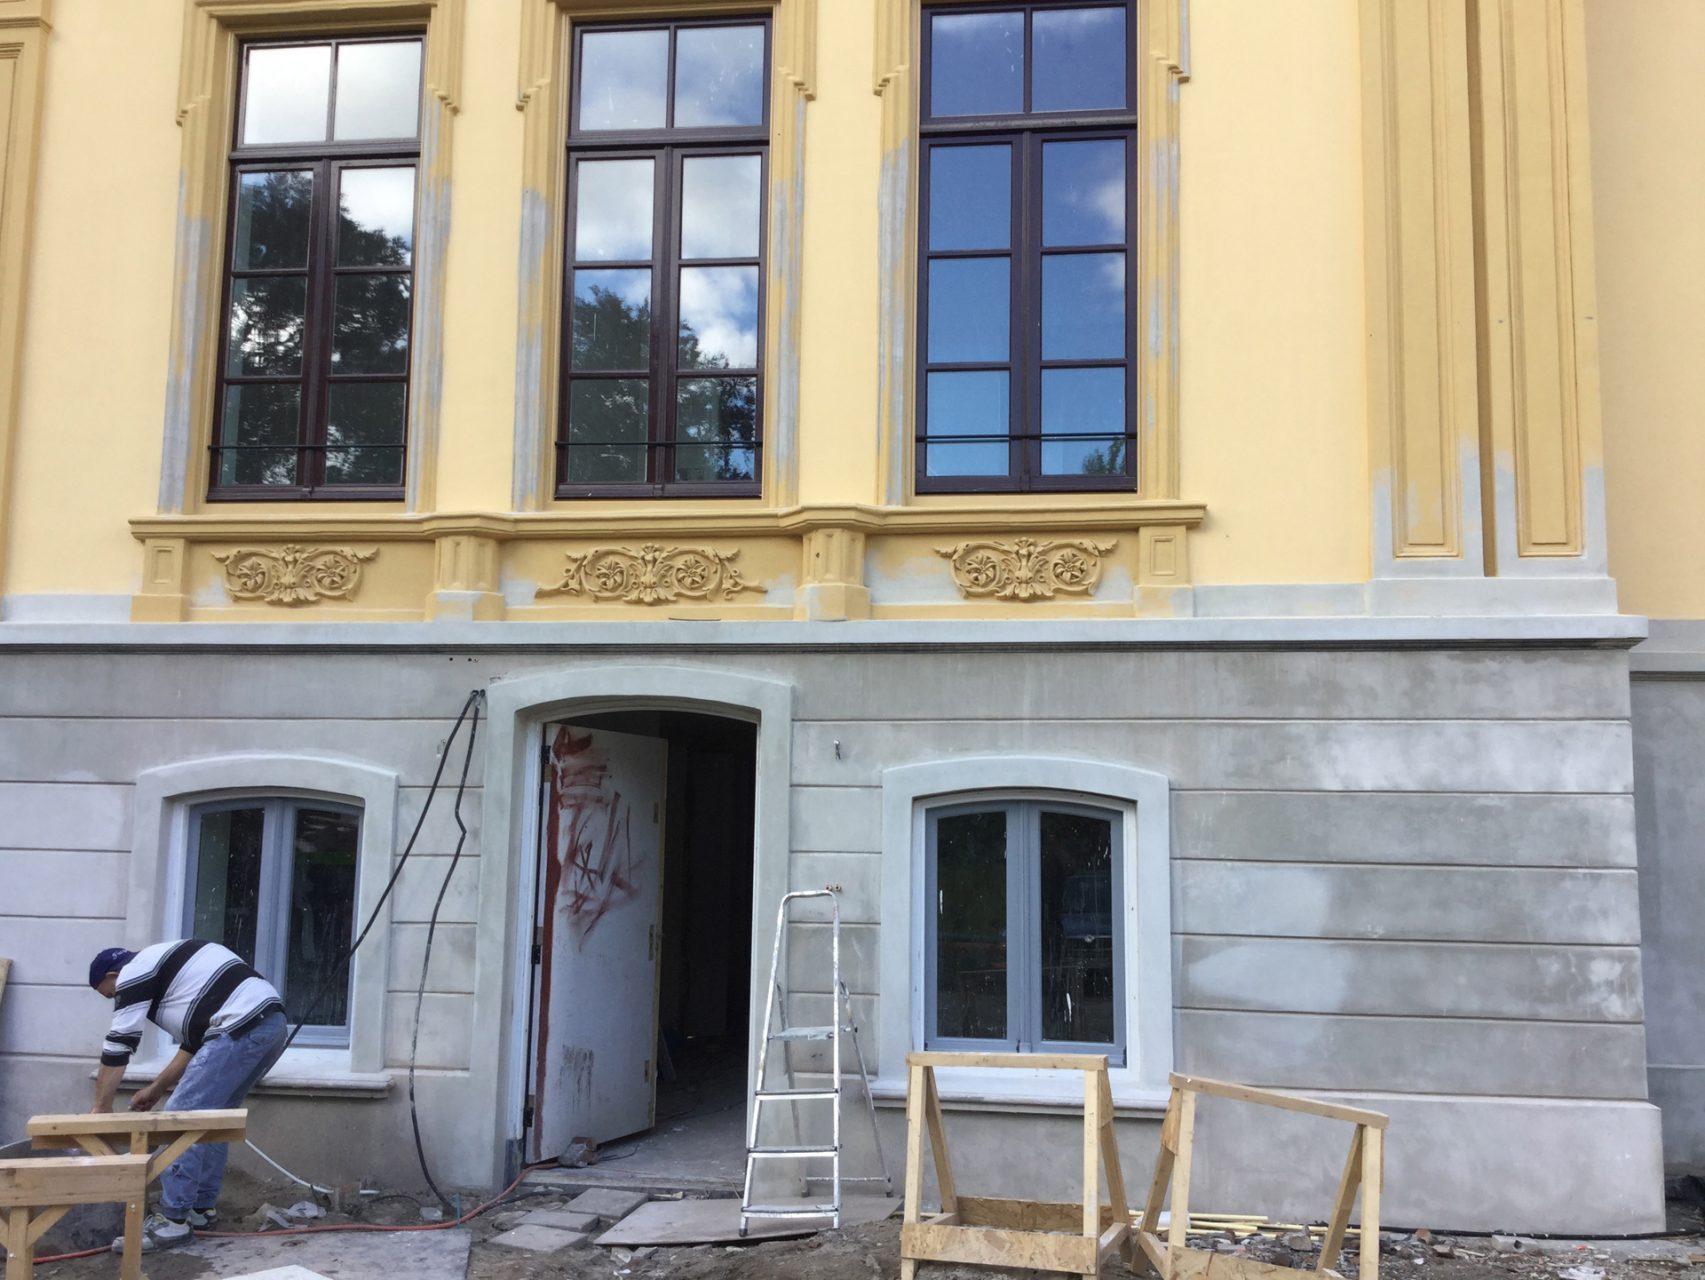 Gevelornament_Prinsen_Bolwerk_Haarlem (9)